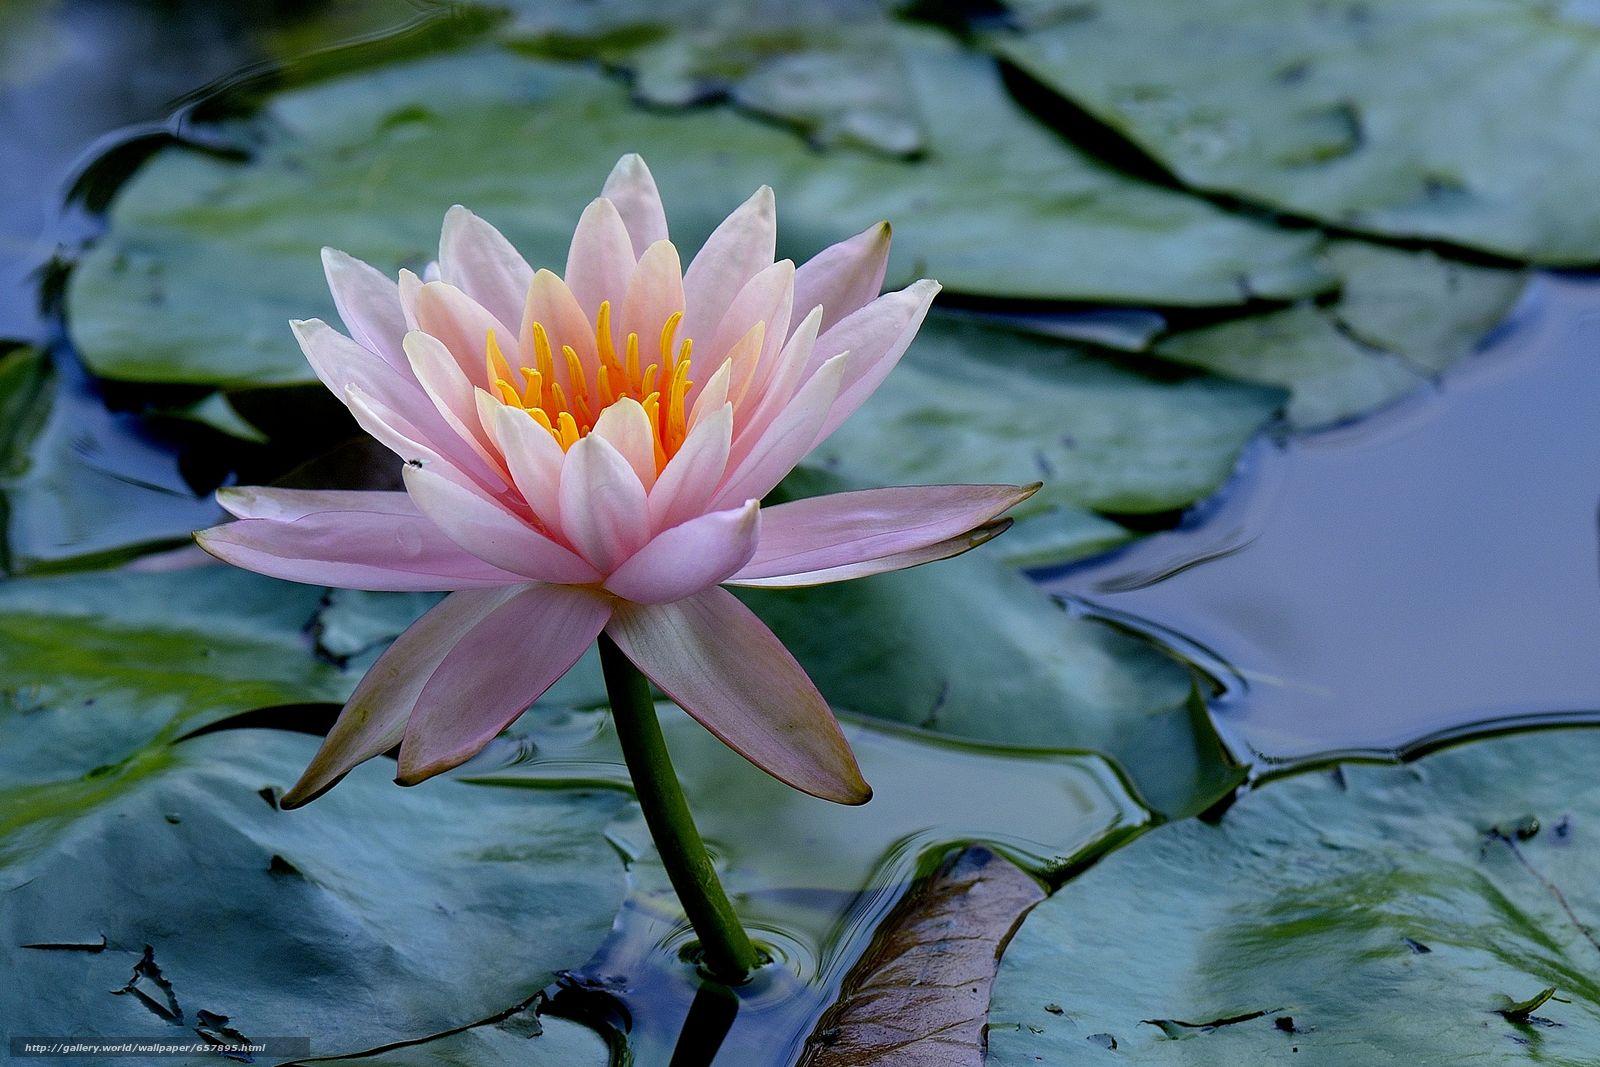 pobra tapety grążel,  Lilie wodne,  Kwiaty,  flora Darmowe tapety na pulpit rozdzielczoci 3547x2365 — zdjcie №657895